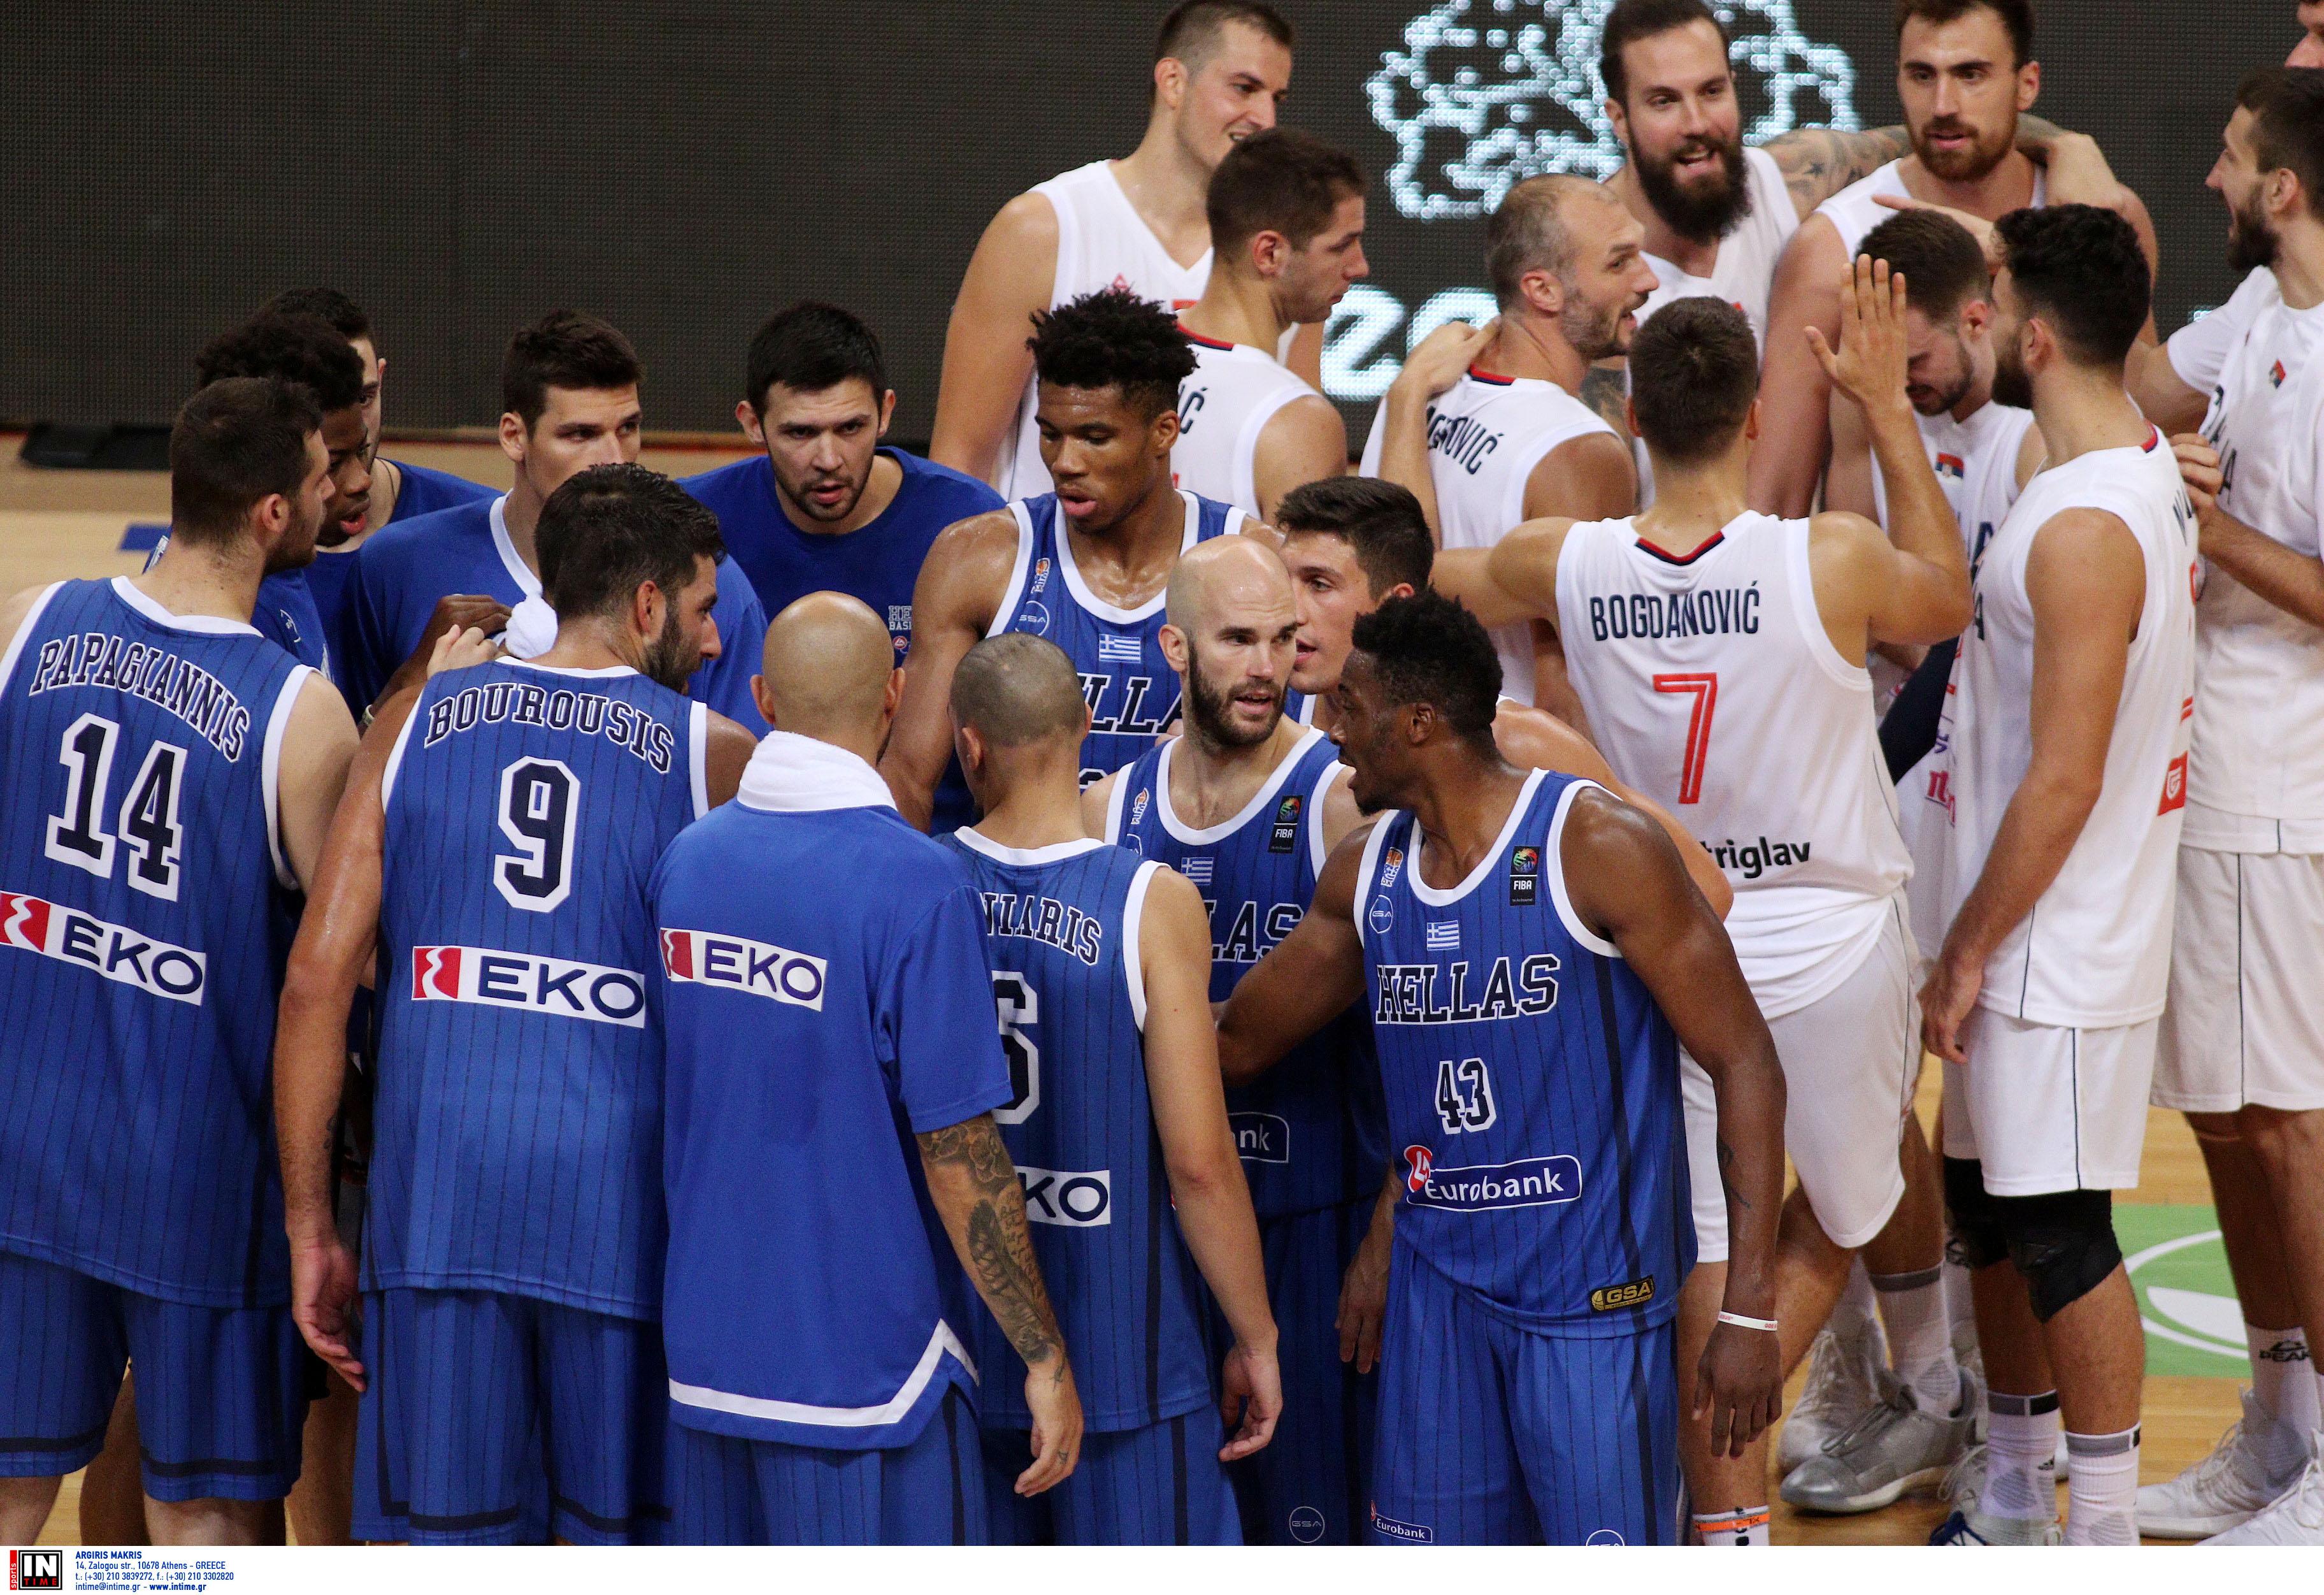 Ο κορονοϊός μετέφερε το Eurobasket το 2022 – Πότε θα γίνει το Προολυμπιακό με την Ελλάδα